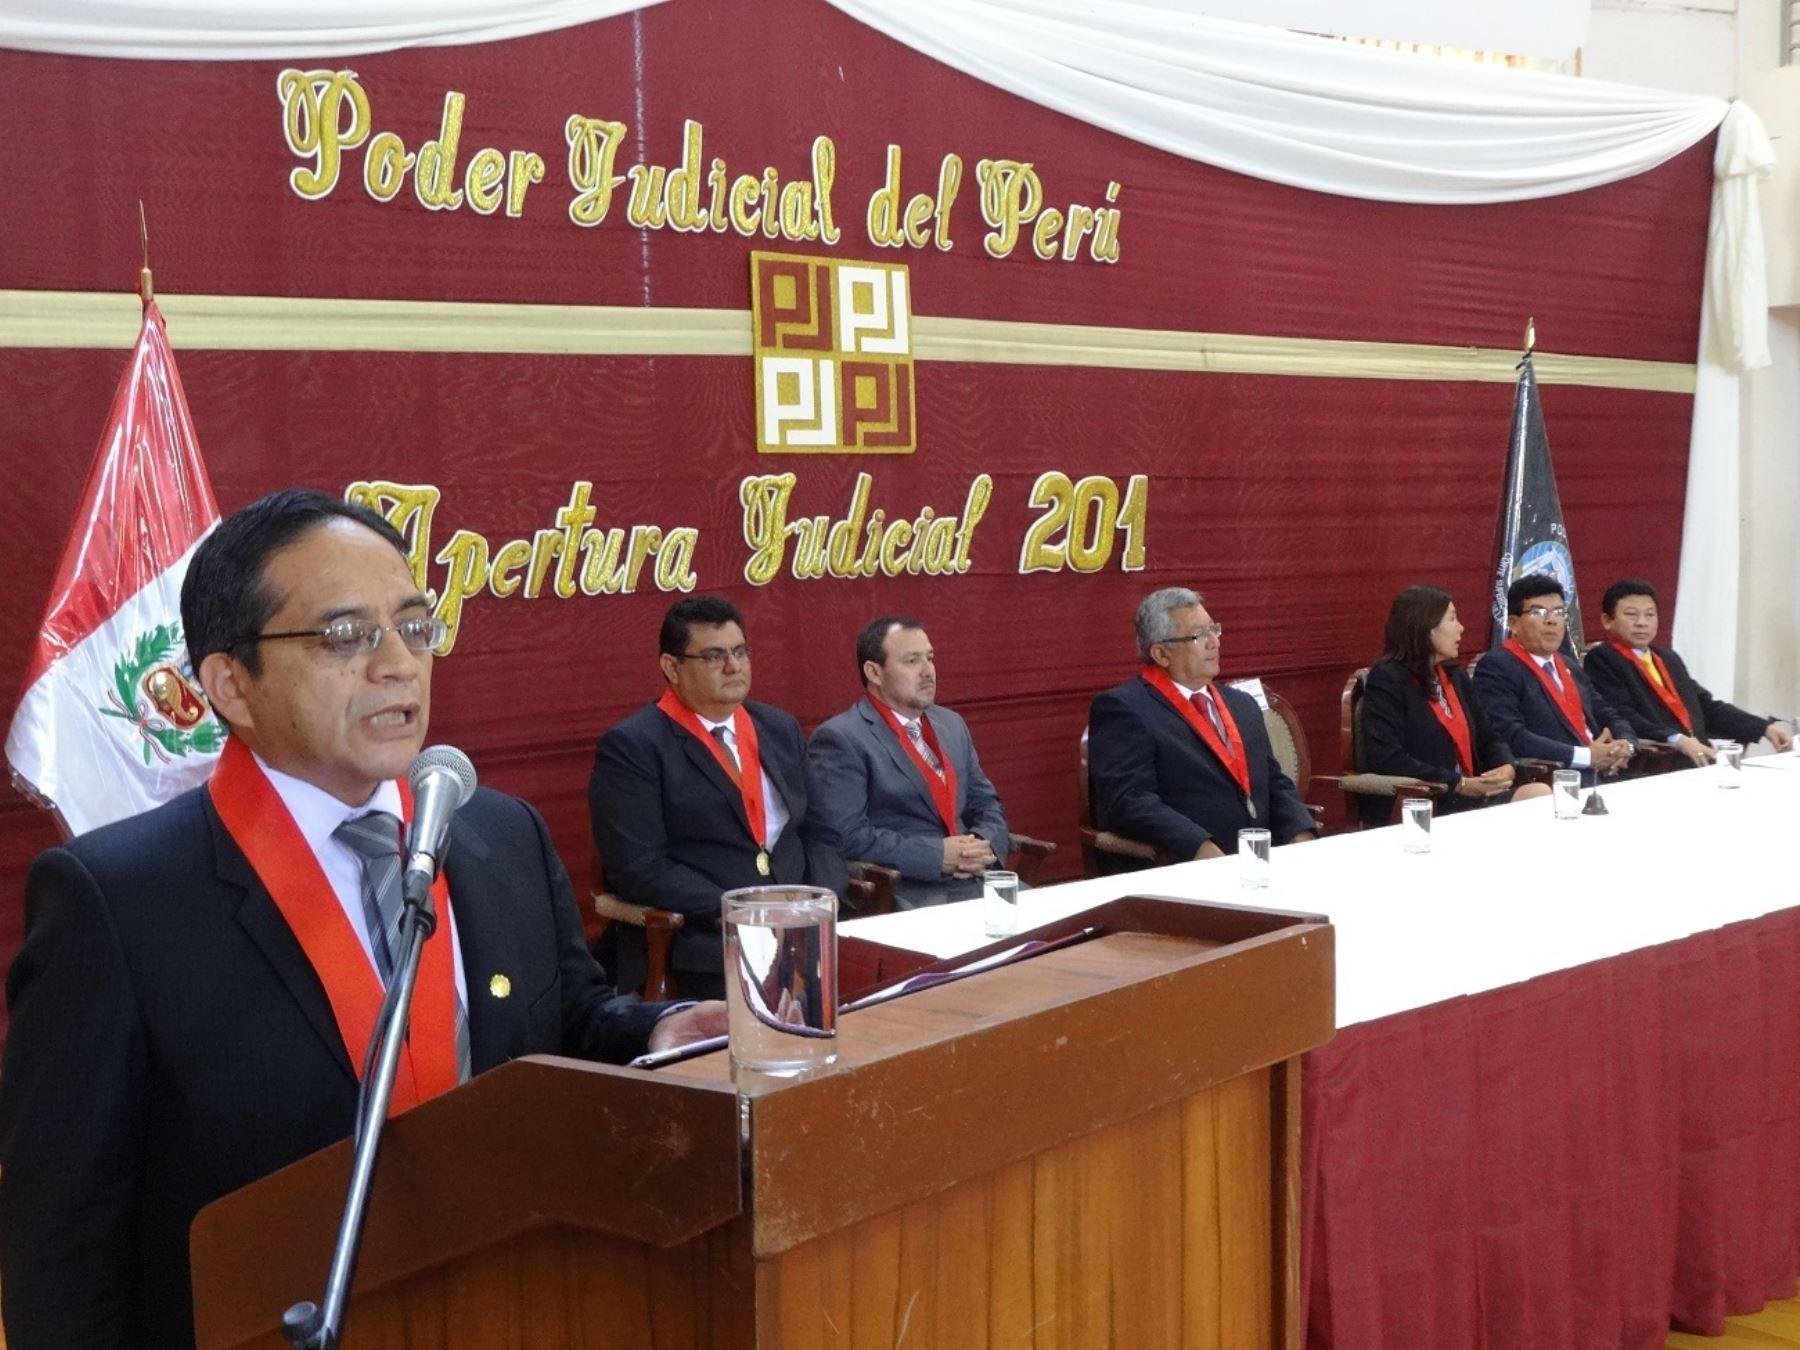 Flamante presidente de la Corte Superior de Justicia de Sullana, Pedro Germán Lizana Bobadilla.